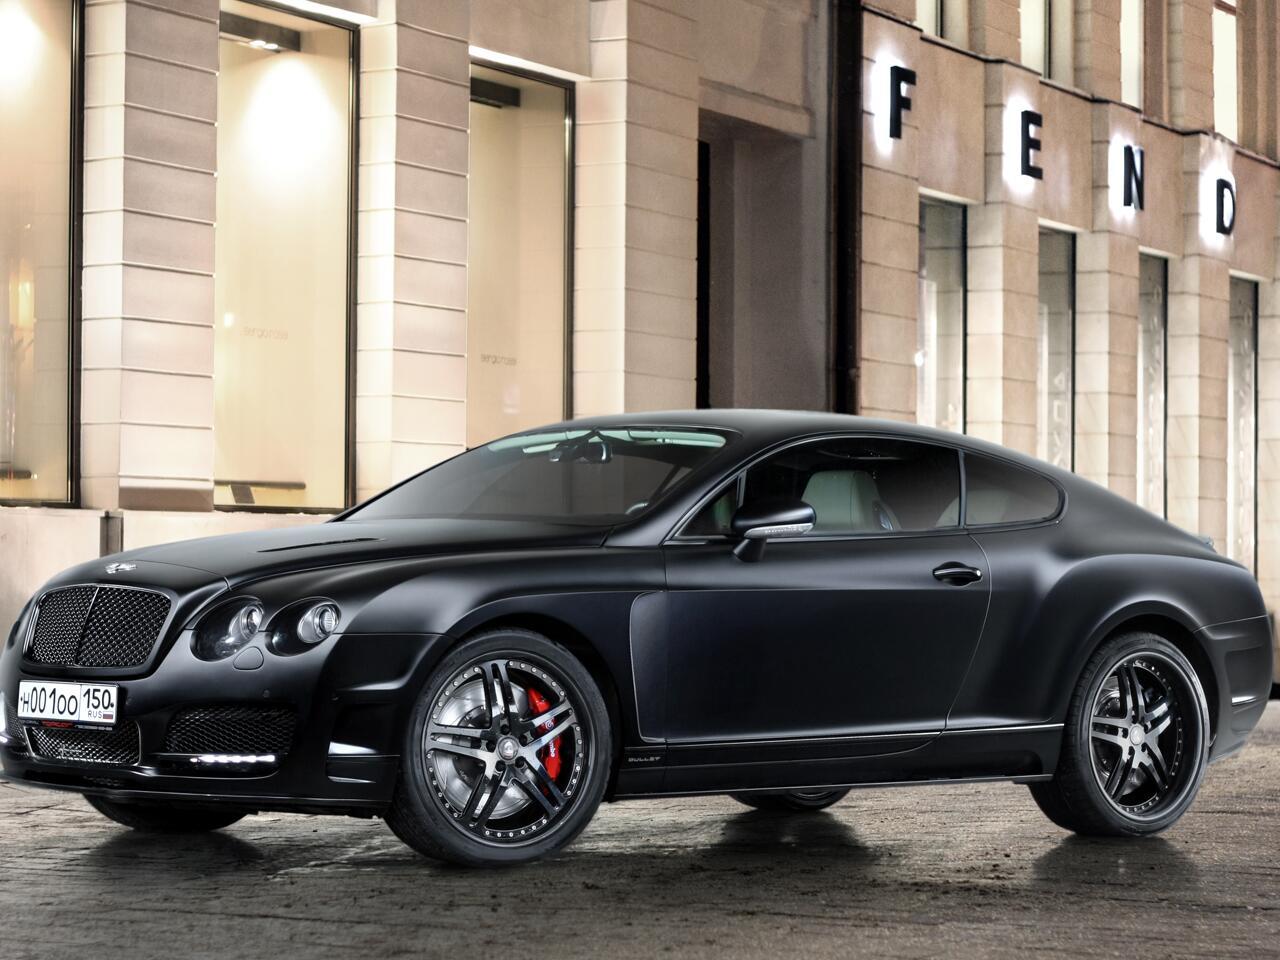 Bild zu Bentley Continental GT Bullet von Top Car